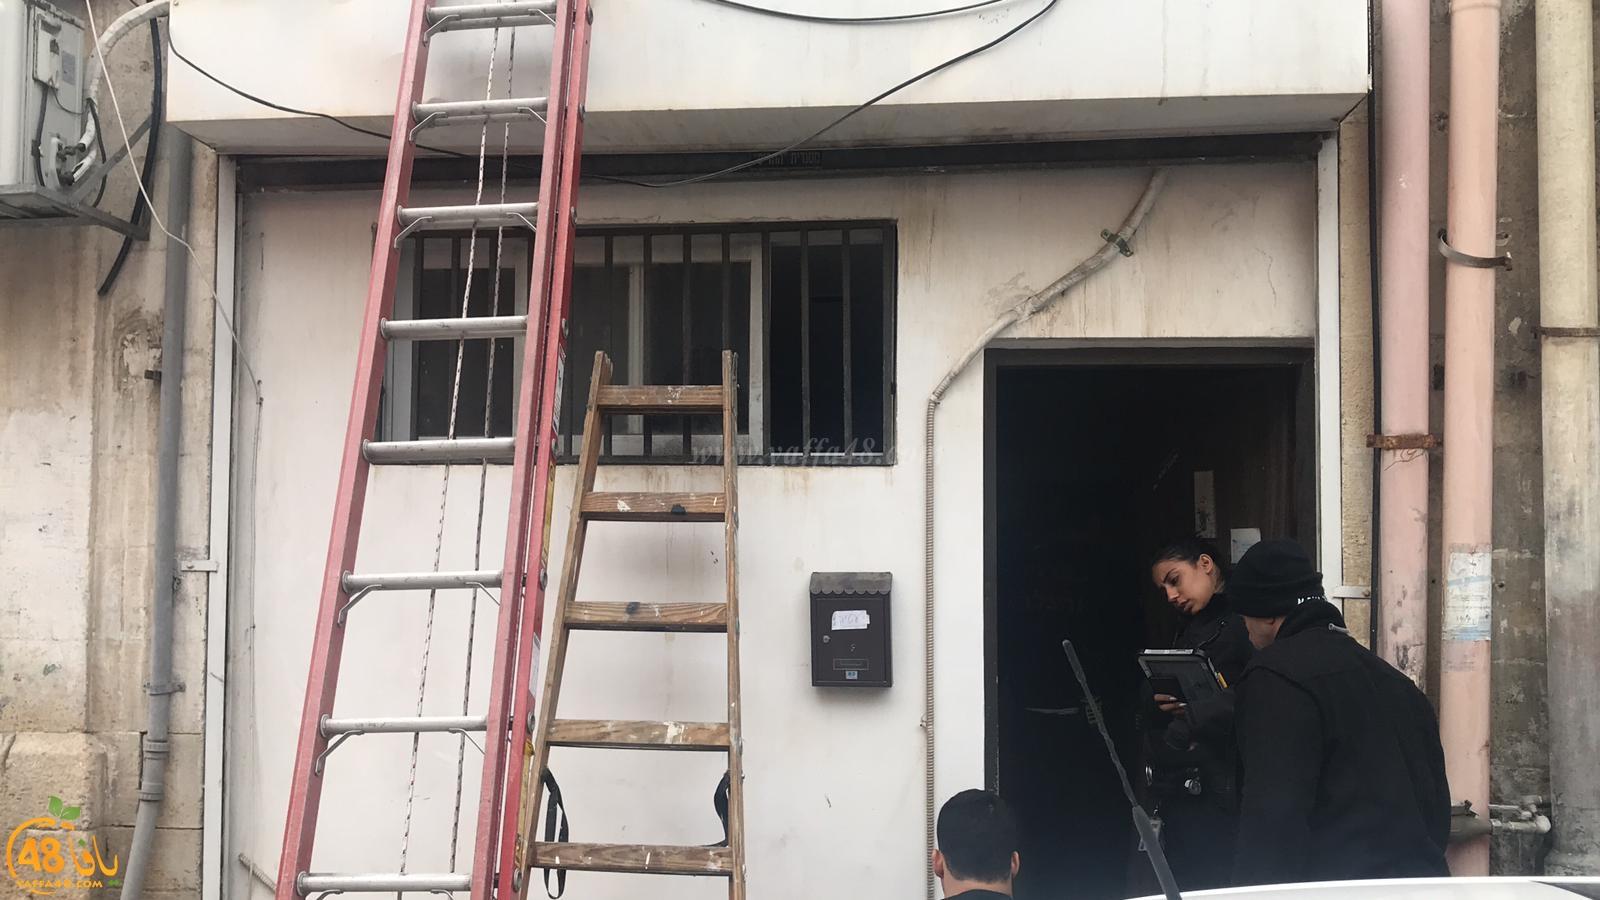 فيديو: طواقم الانقاذ تقتحم شقة بيافا بعد محاولة سيدة الانتحار